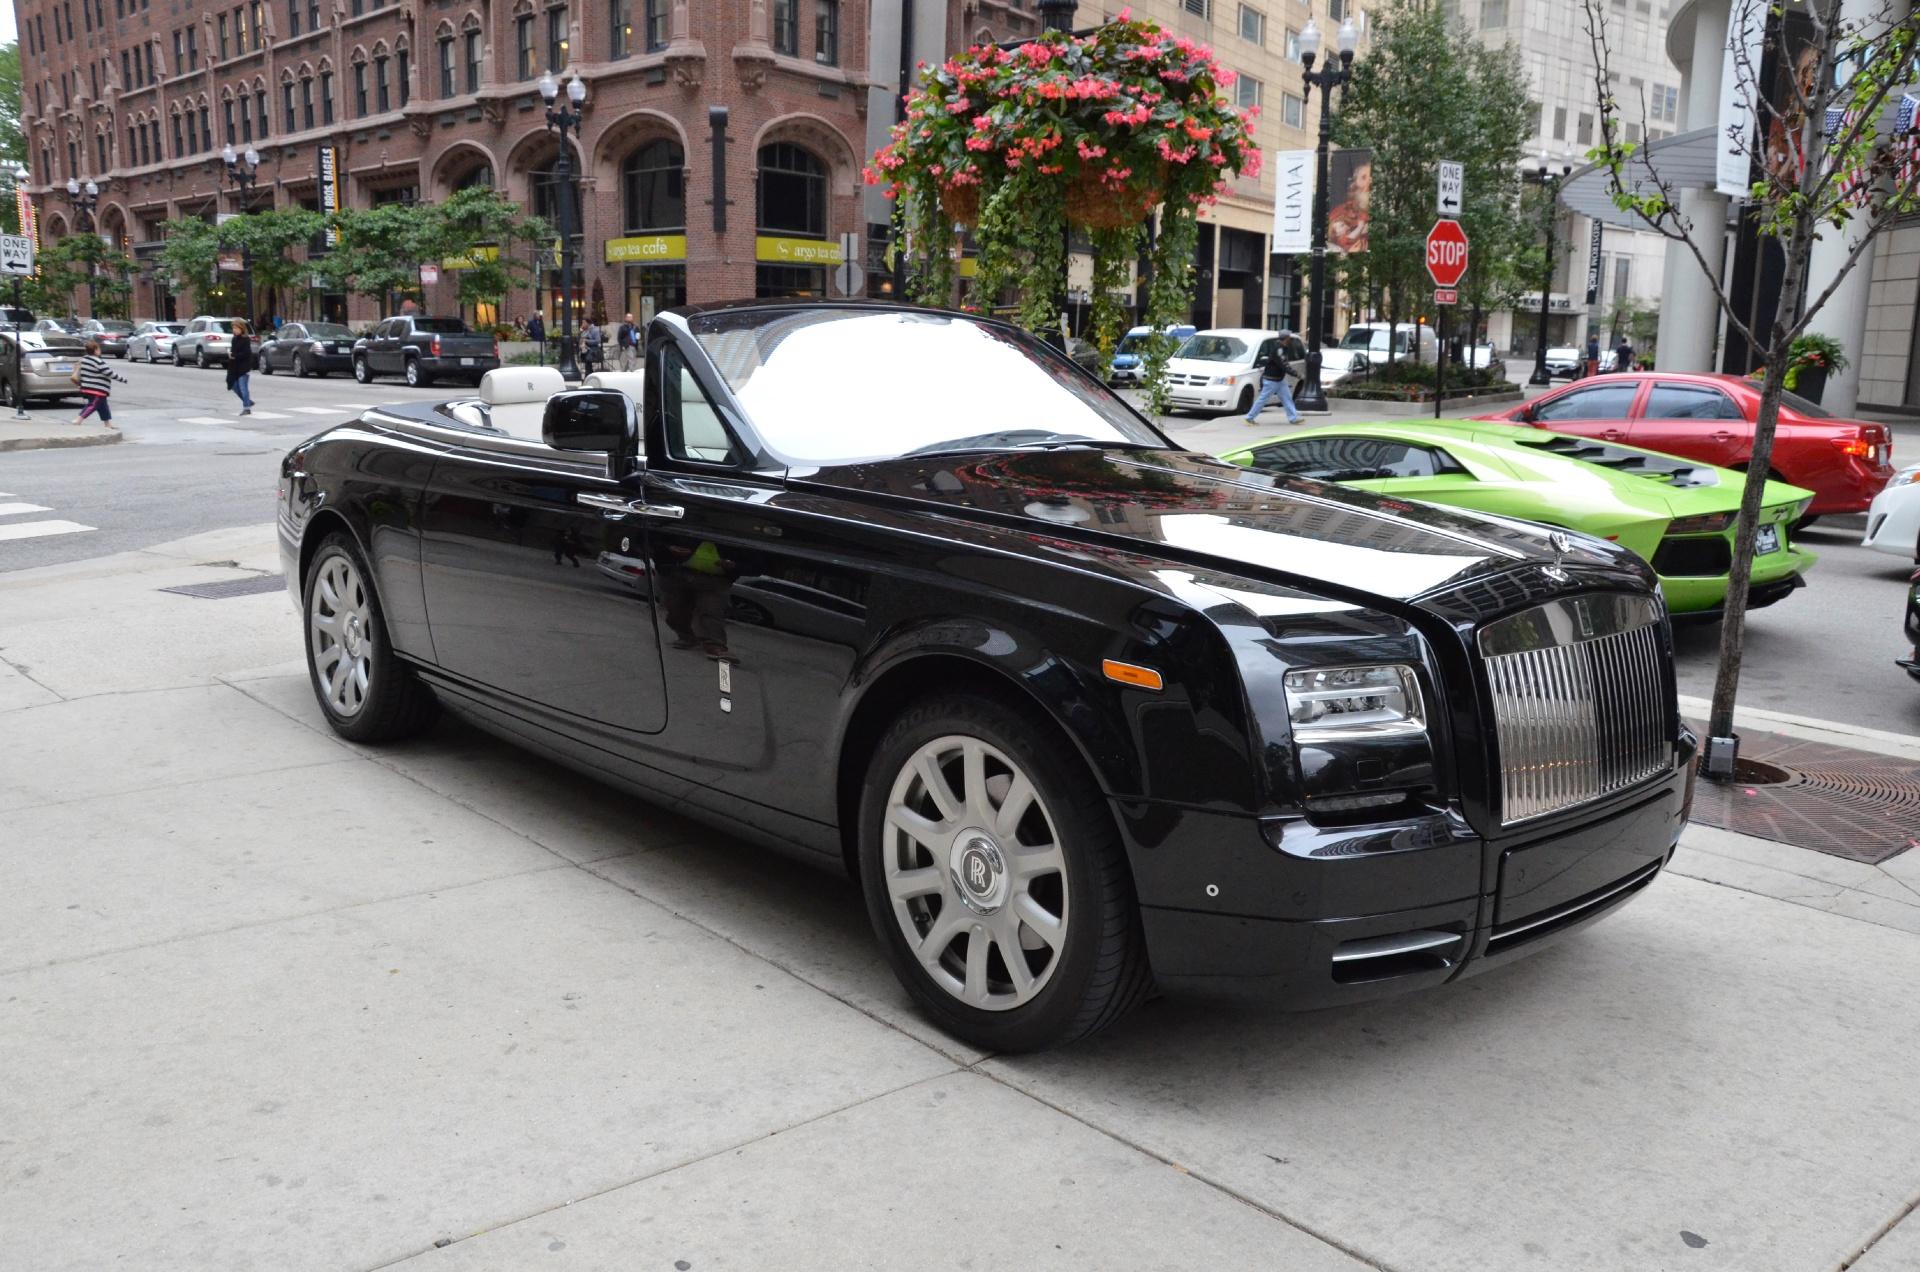 2014 rolls royce phantom drophead coupe stock r160 s for - Rolls royce phantom drophead coupe for sale ...